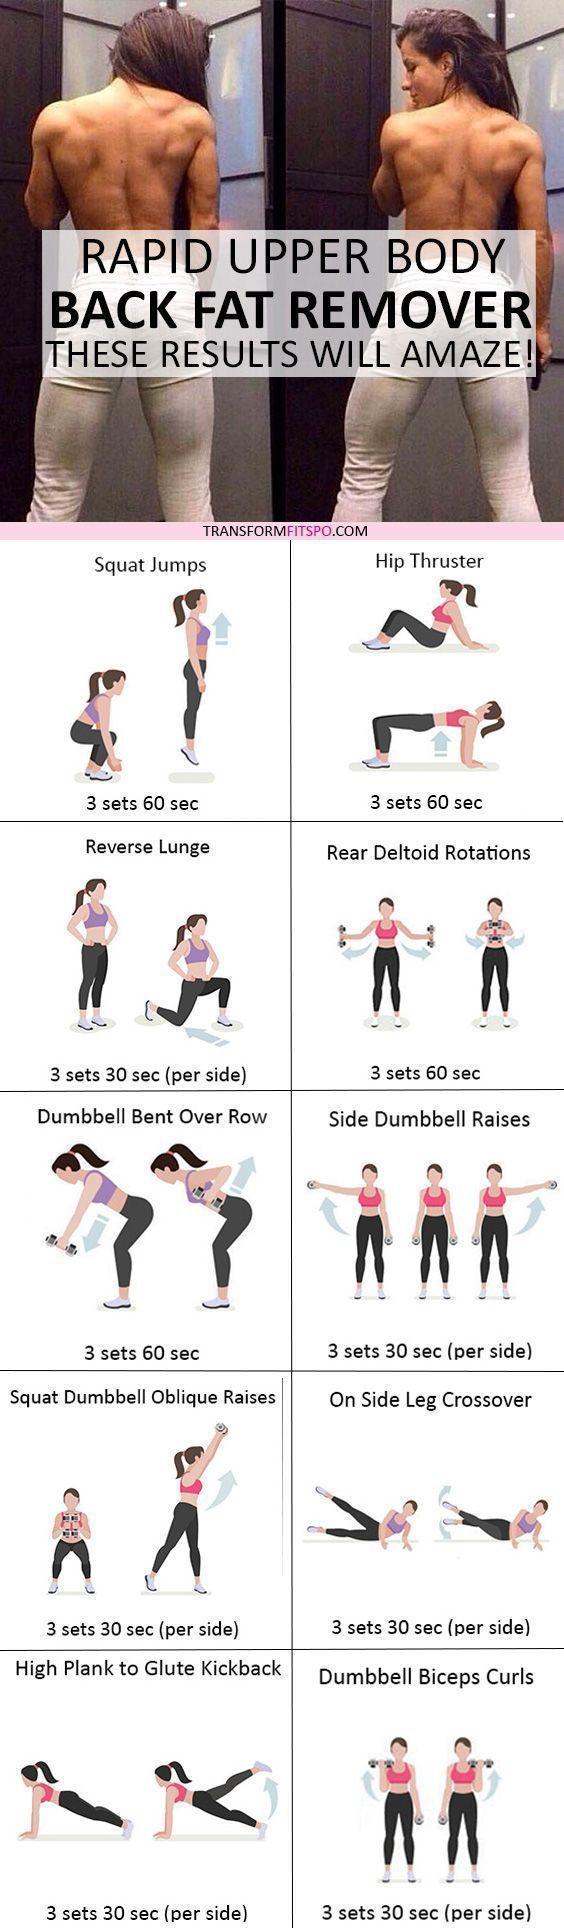 Nutzen Sie diese Fitness-Tipps, um Sie zu informieren und ... #fitness - #the ..., #diese #fitness #...